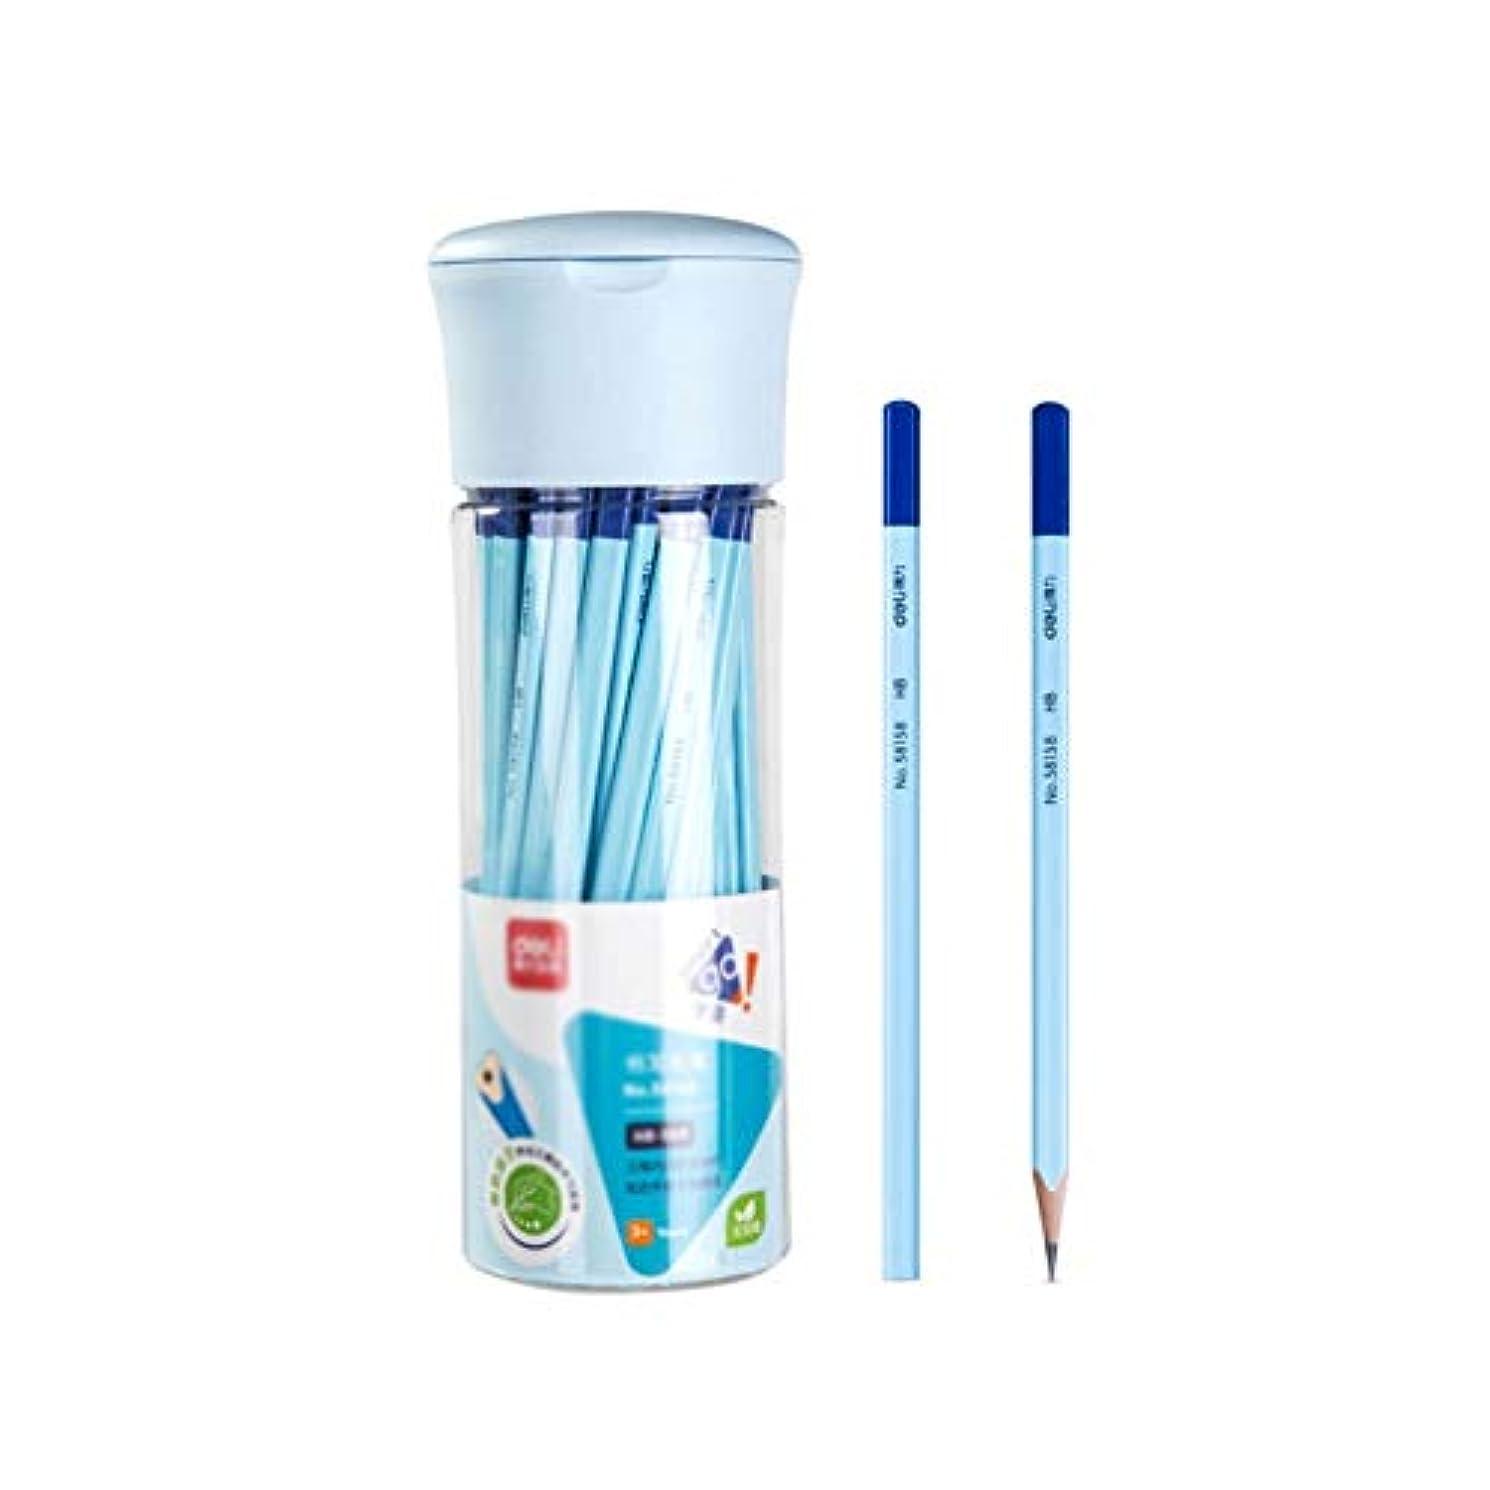 架空の管理しますセージBoyuanweiye001 ペイントブラシ、グリップ、快適な三角形、凹型鉛筆、修正グリップ、50バレルの木製スケッチペイントブラシ(50パック、7 * 24cm) 持ち運びが簡単 (Color : Blue, Size : 7*24cm)